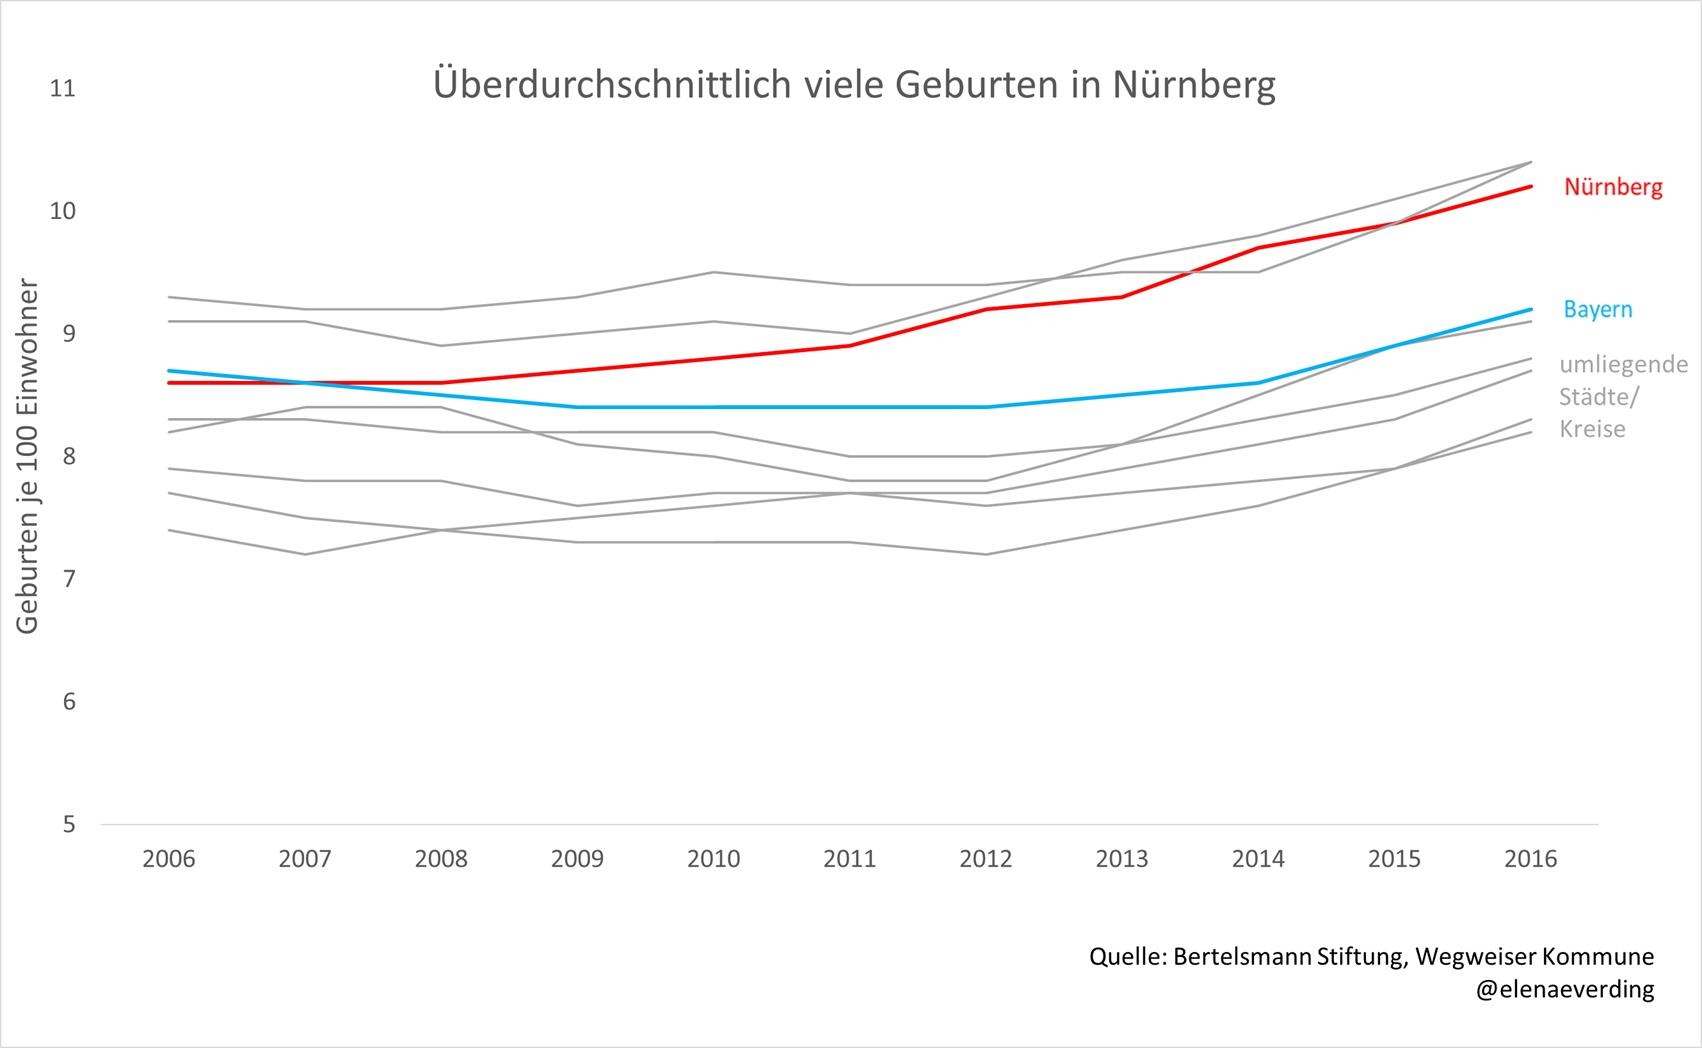 Liniendiagramm: In Nürnberg werden überdurchschnittlich viele Kinder geboren.